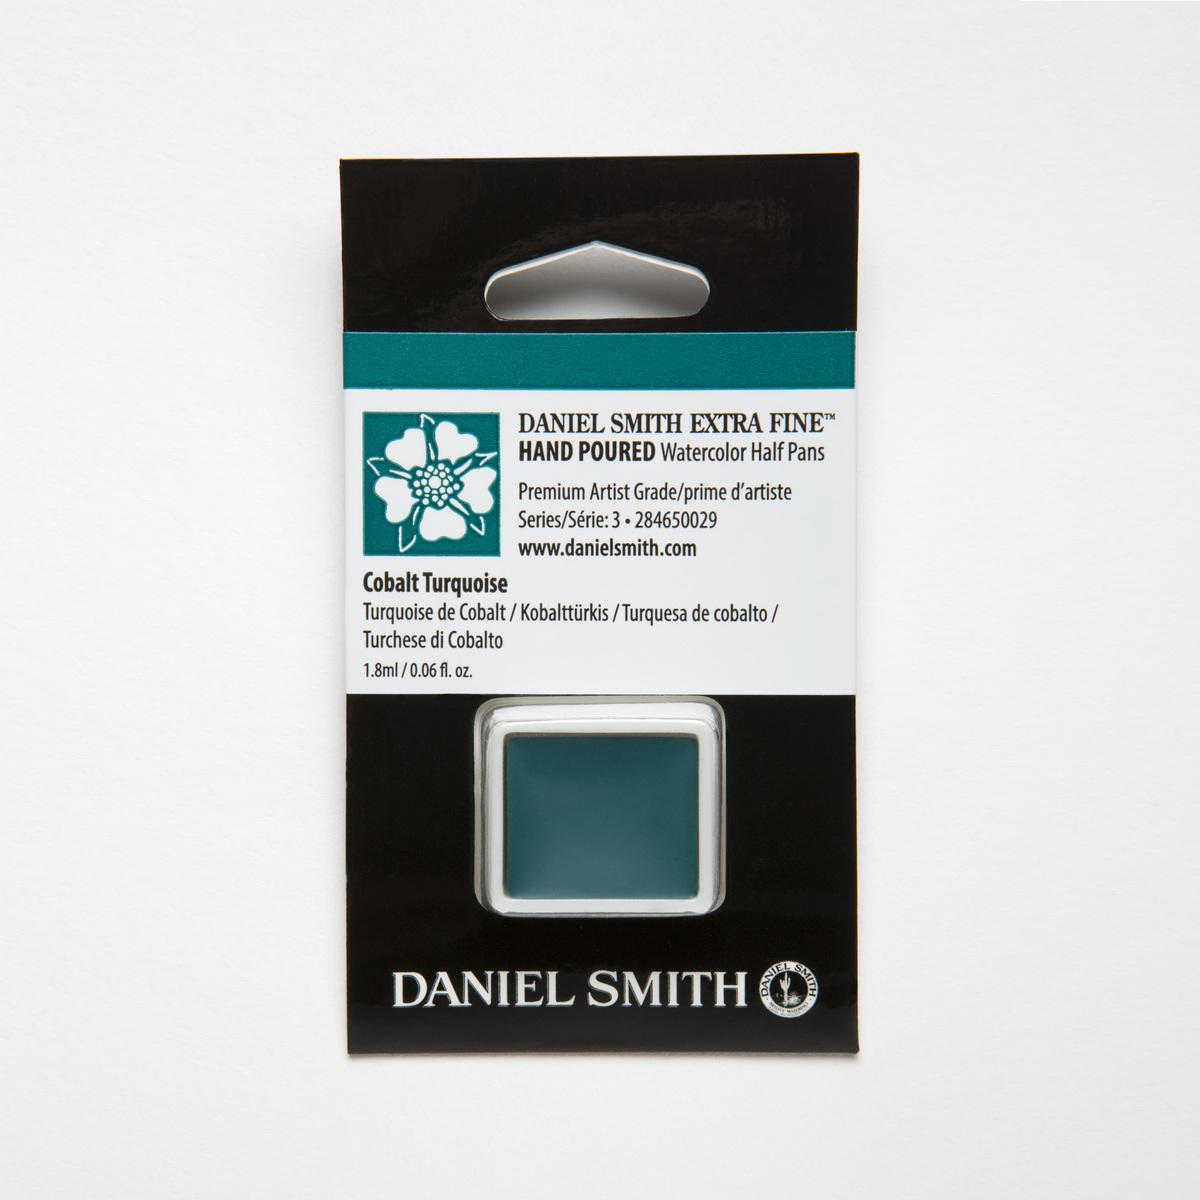 DANIEL SMITH コバルトターコイズ Cobalt Turquoise ハーフパン 水彩絵具 ダニエル スミス ブランド買うならブランドオフ 当店は最高な サービスを提供します